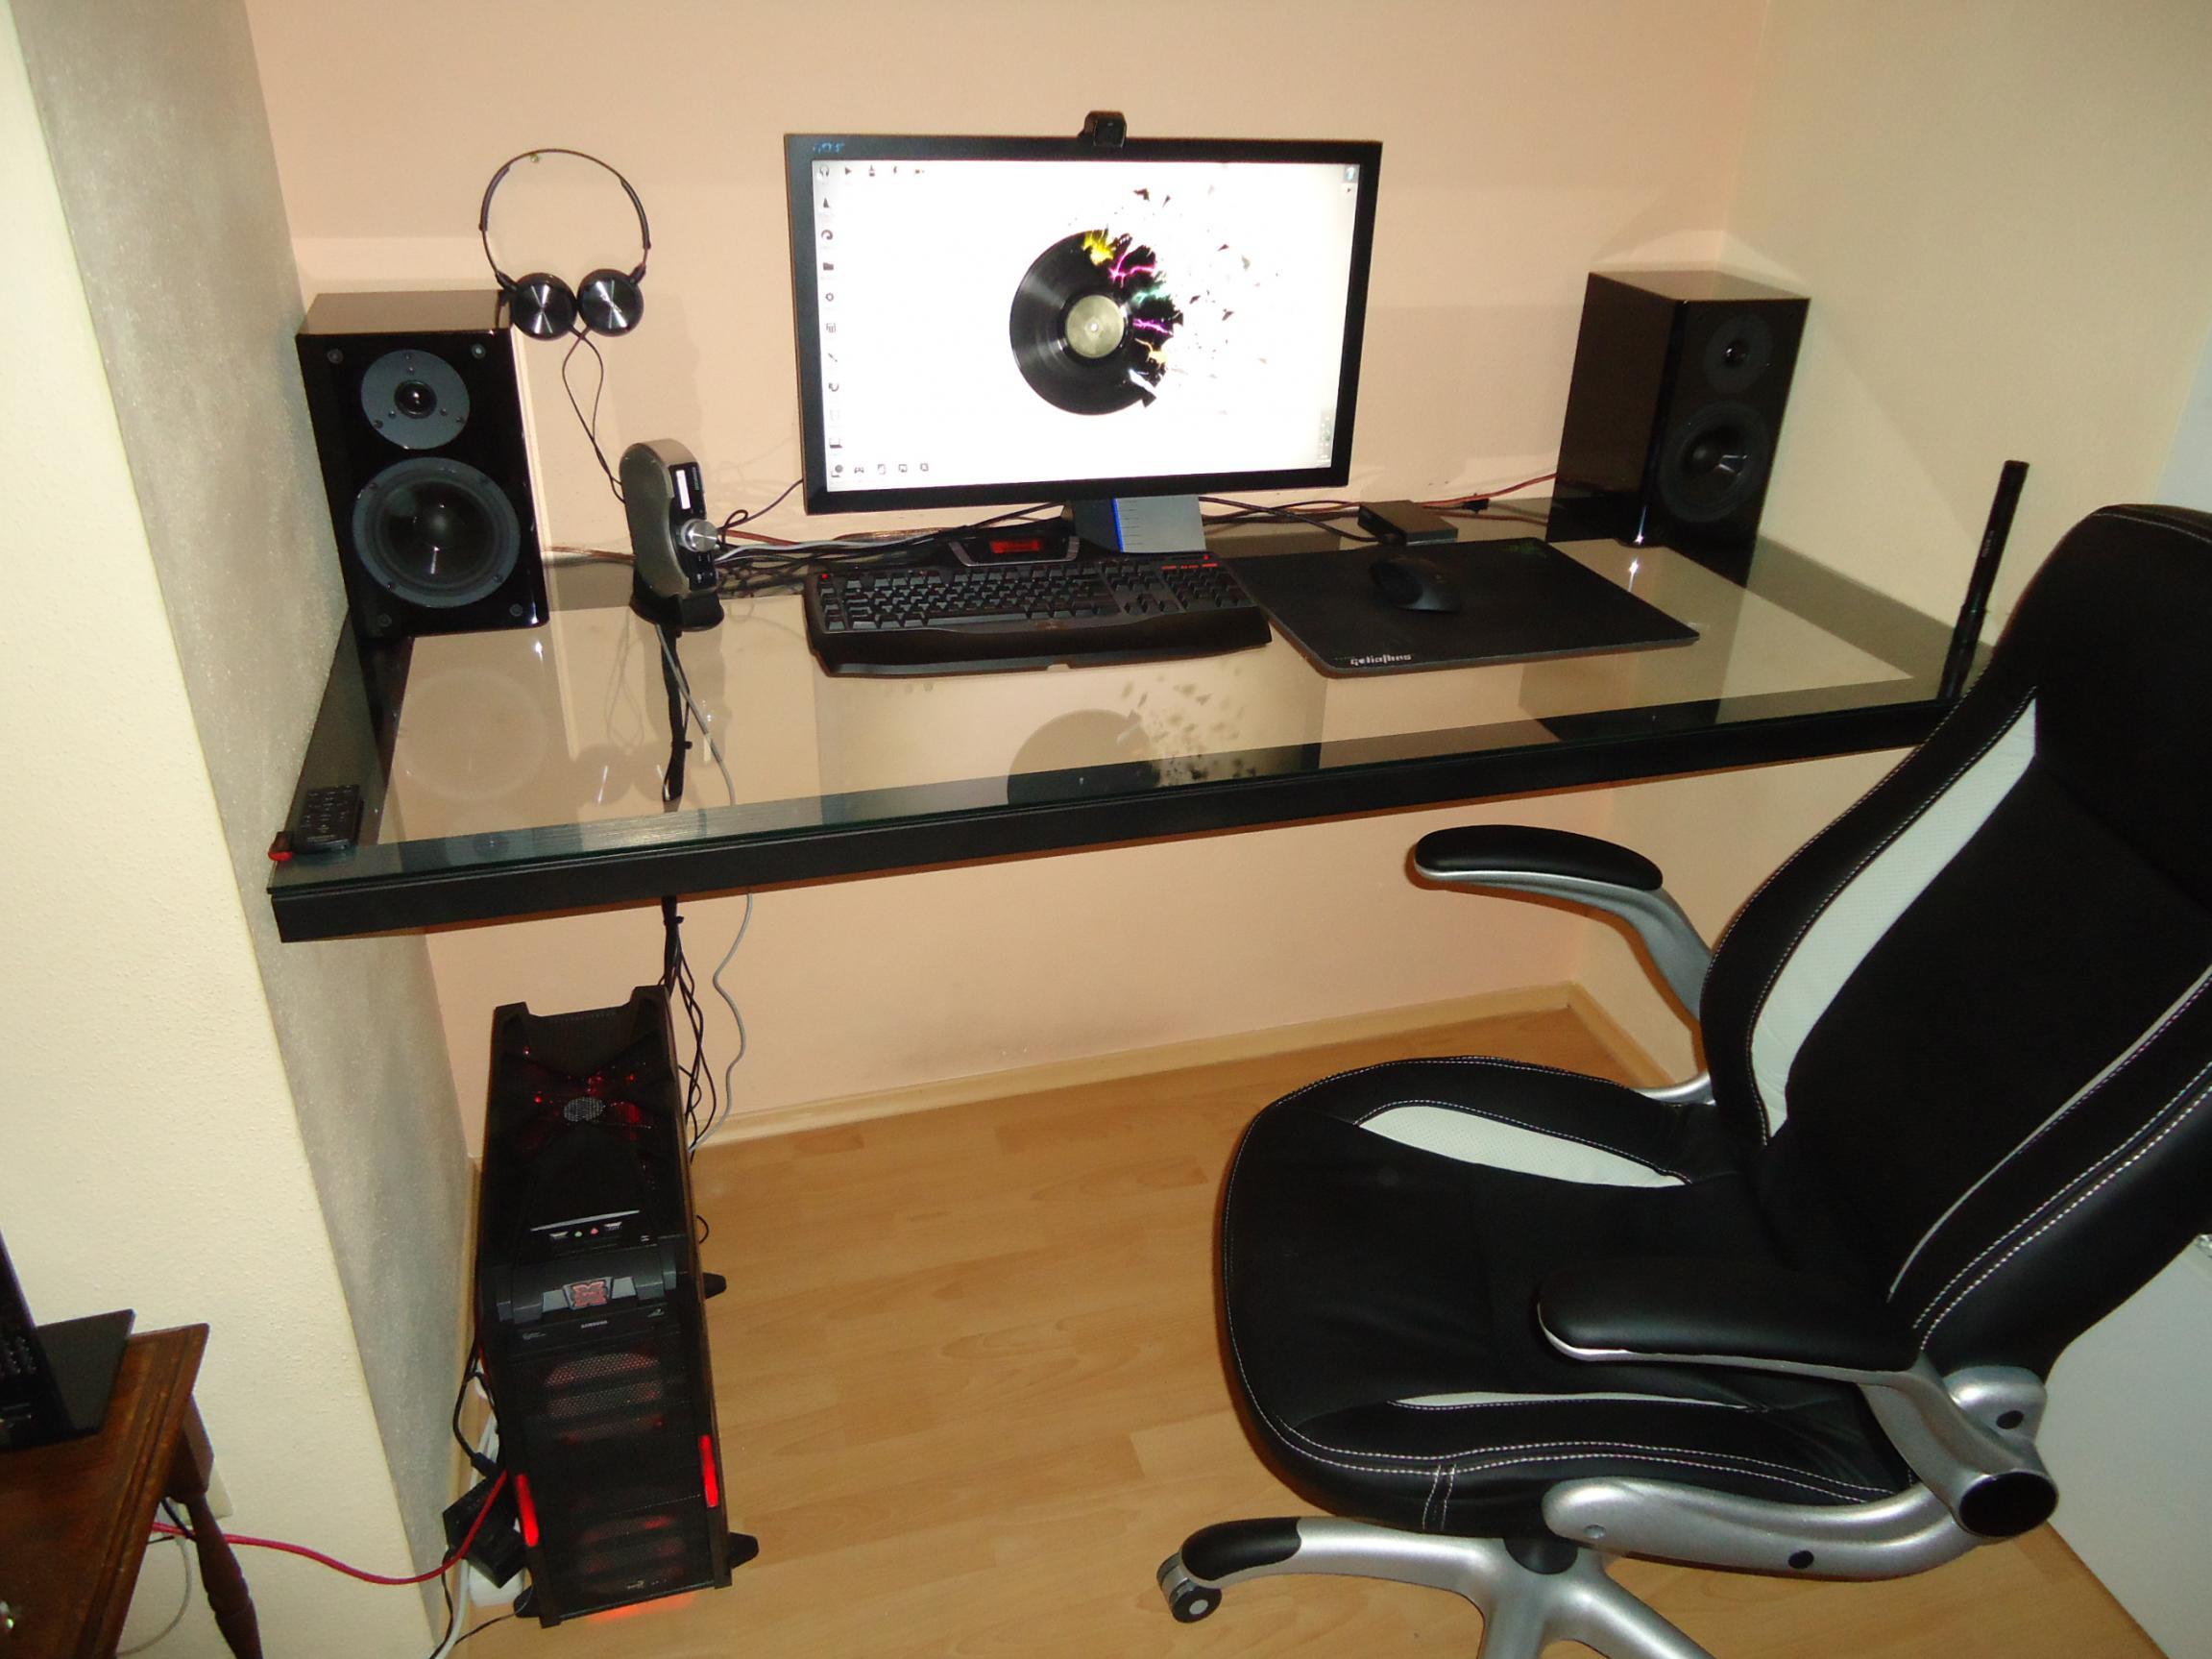 hardware im tisch einbauen seite 3 computerbase forum. Black Bedroom Furniture Sets. Home Design Ideas